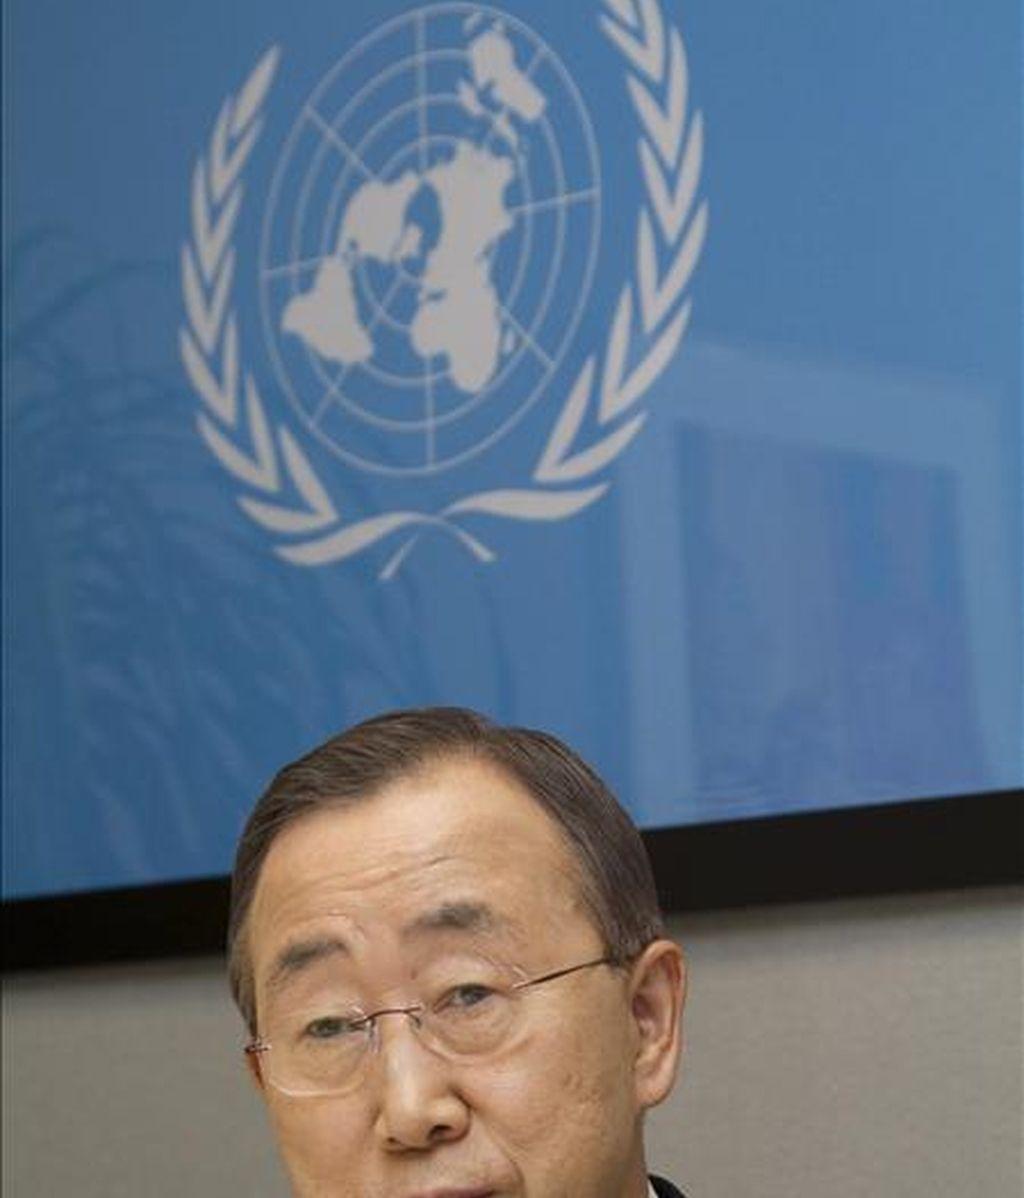 """El portavoz de Naciones Unidas, Farhan Haq, aseguró que el secretario general de la ONU, Ban Ki-moon, """"condena los atroces atentados con bombas"""" contra los espectadores que presenciaban la final del Mundial de Sudáfrica. EFE/Archivo"""